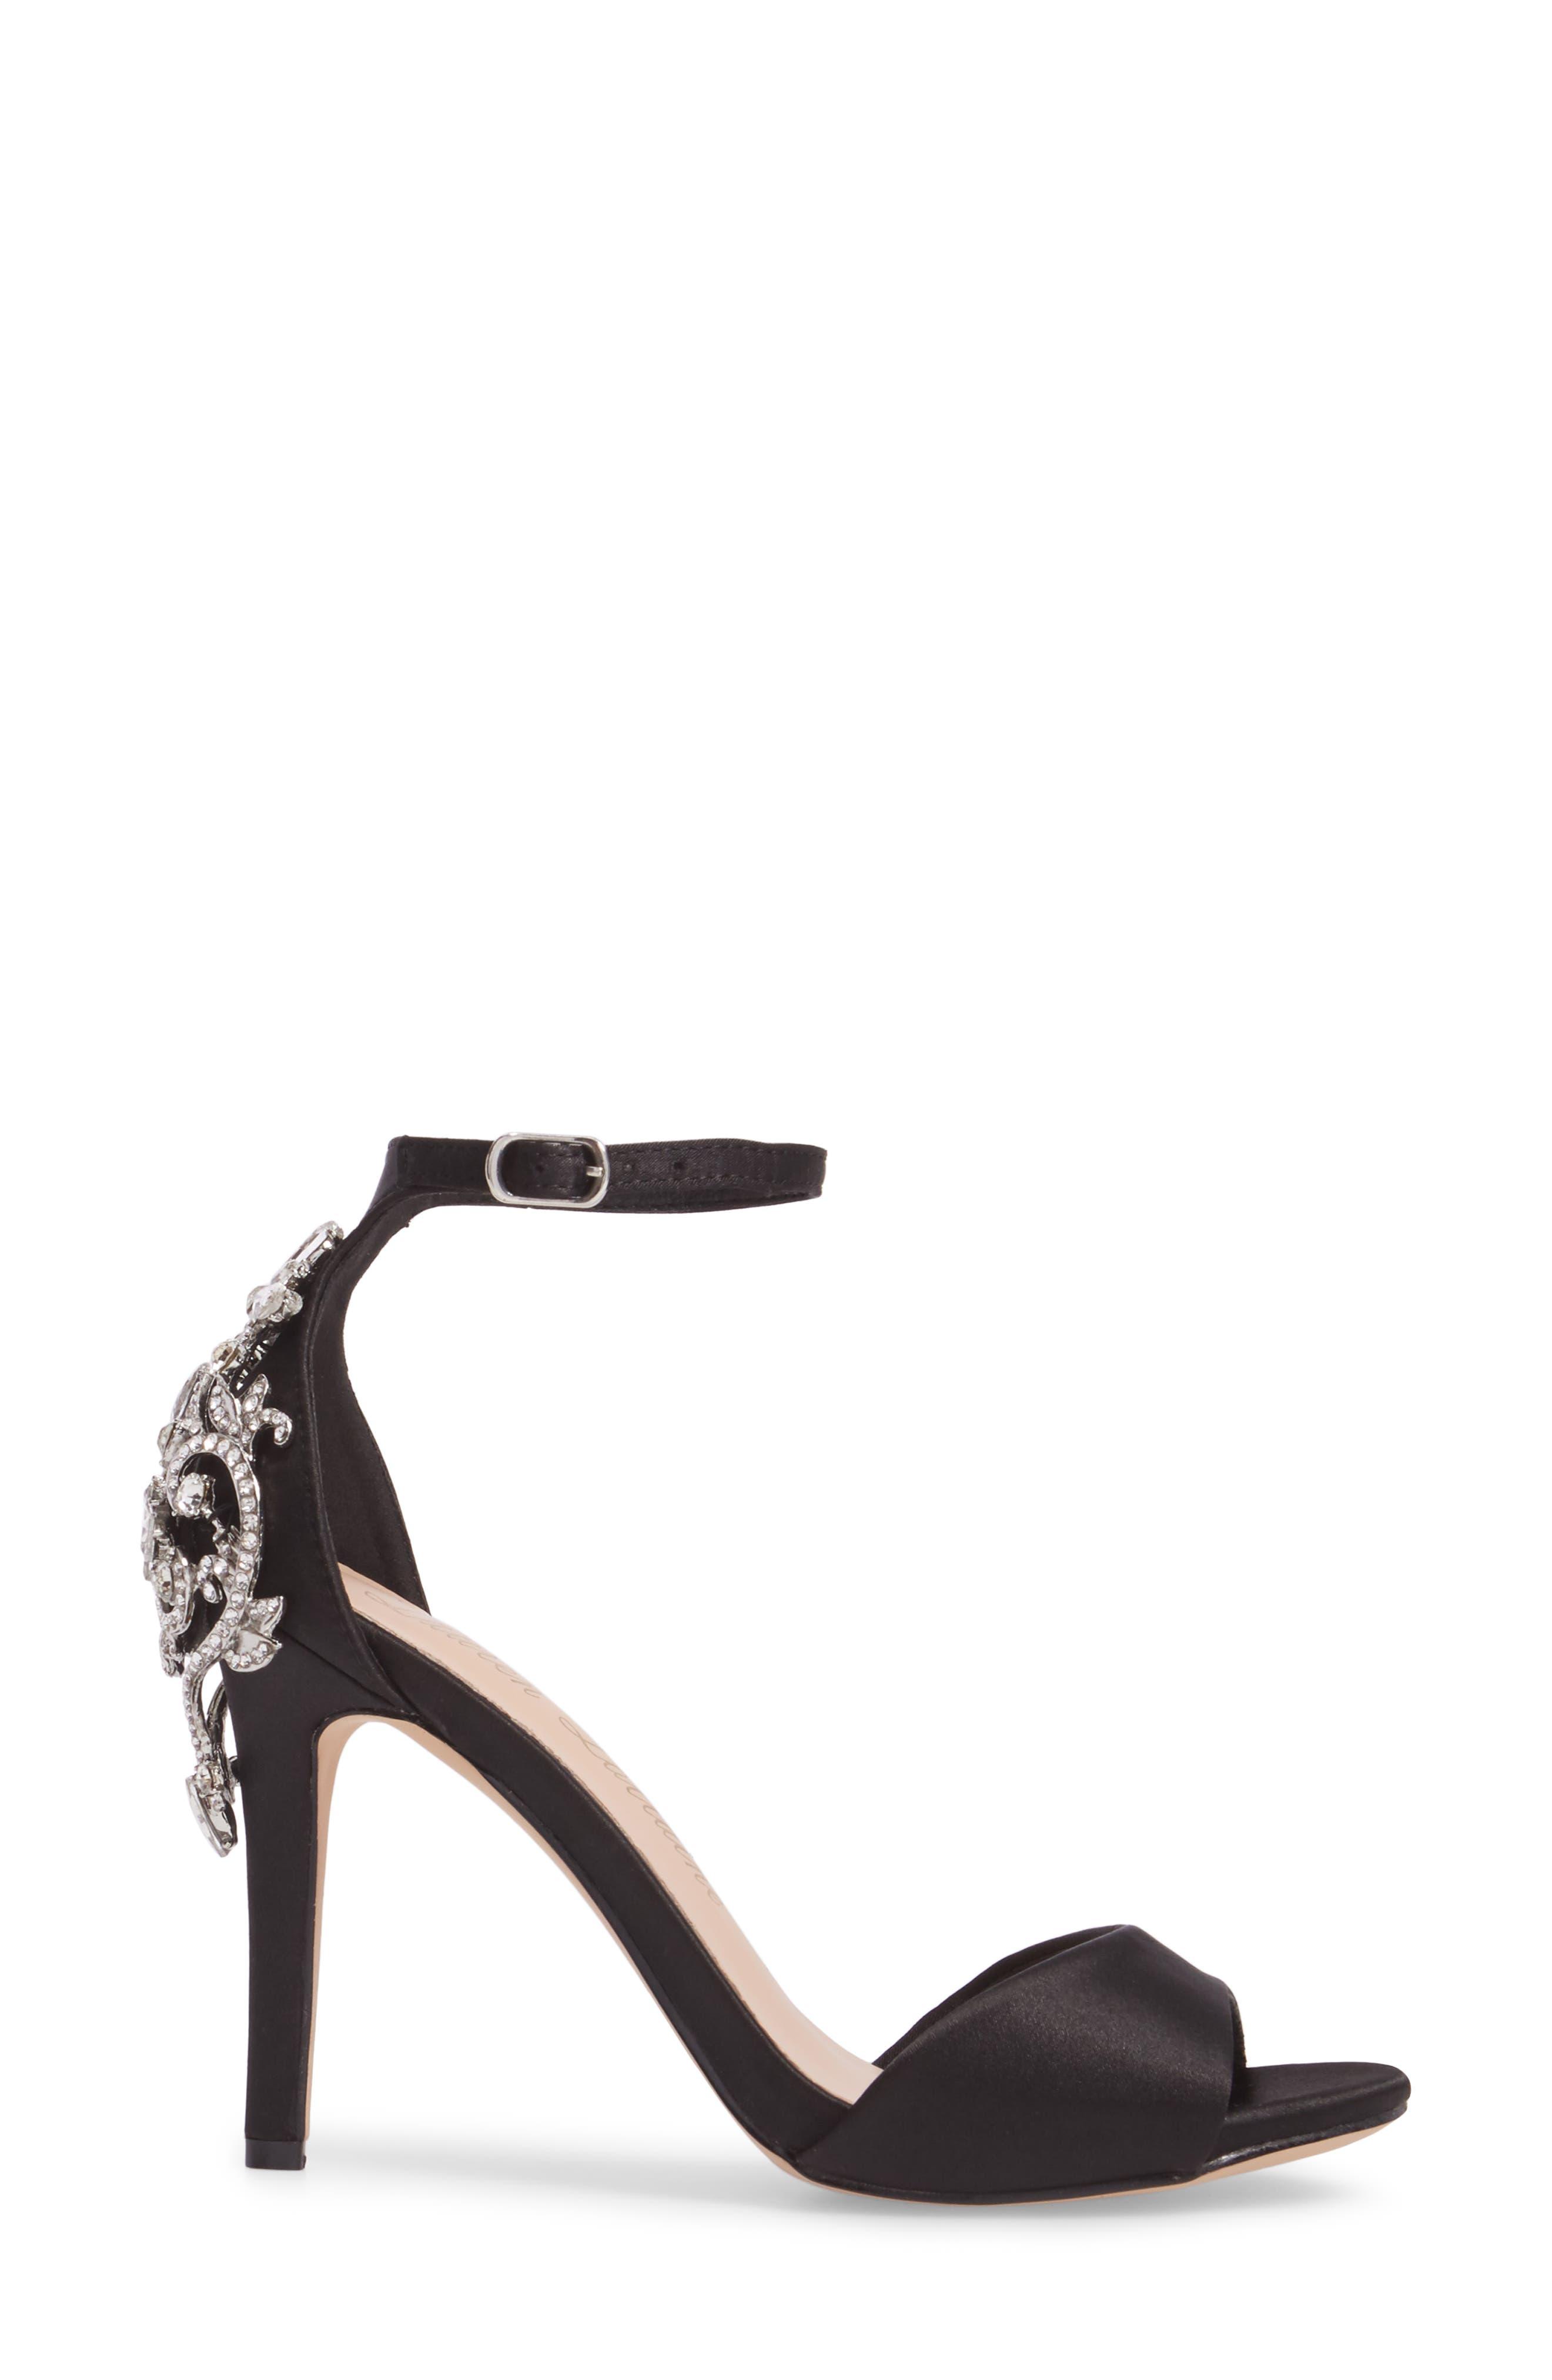 Monet Crystal Embellished Sandal,                             Alternate thumbnail 3, color,                             Black Satin